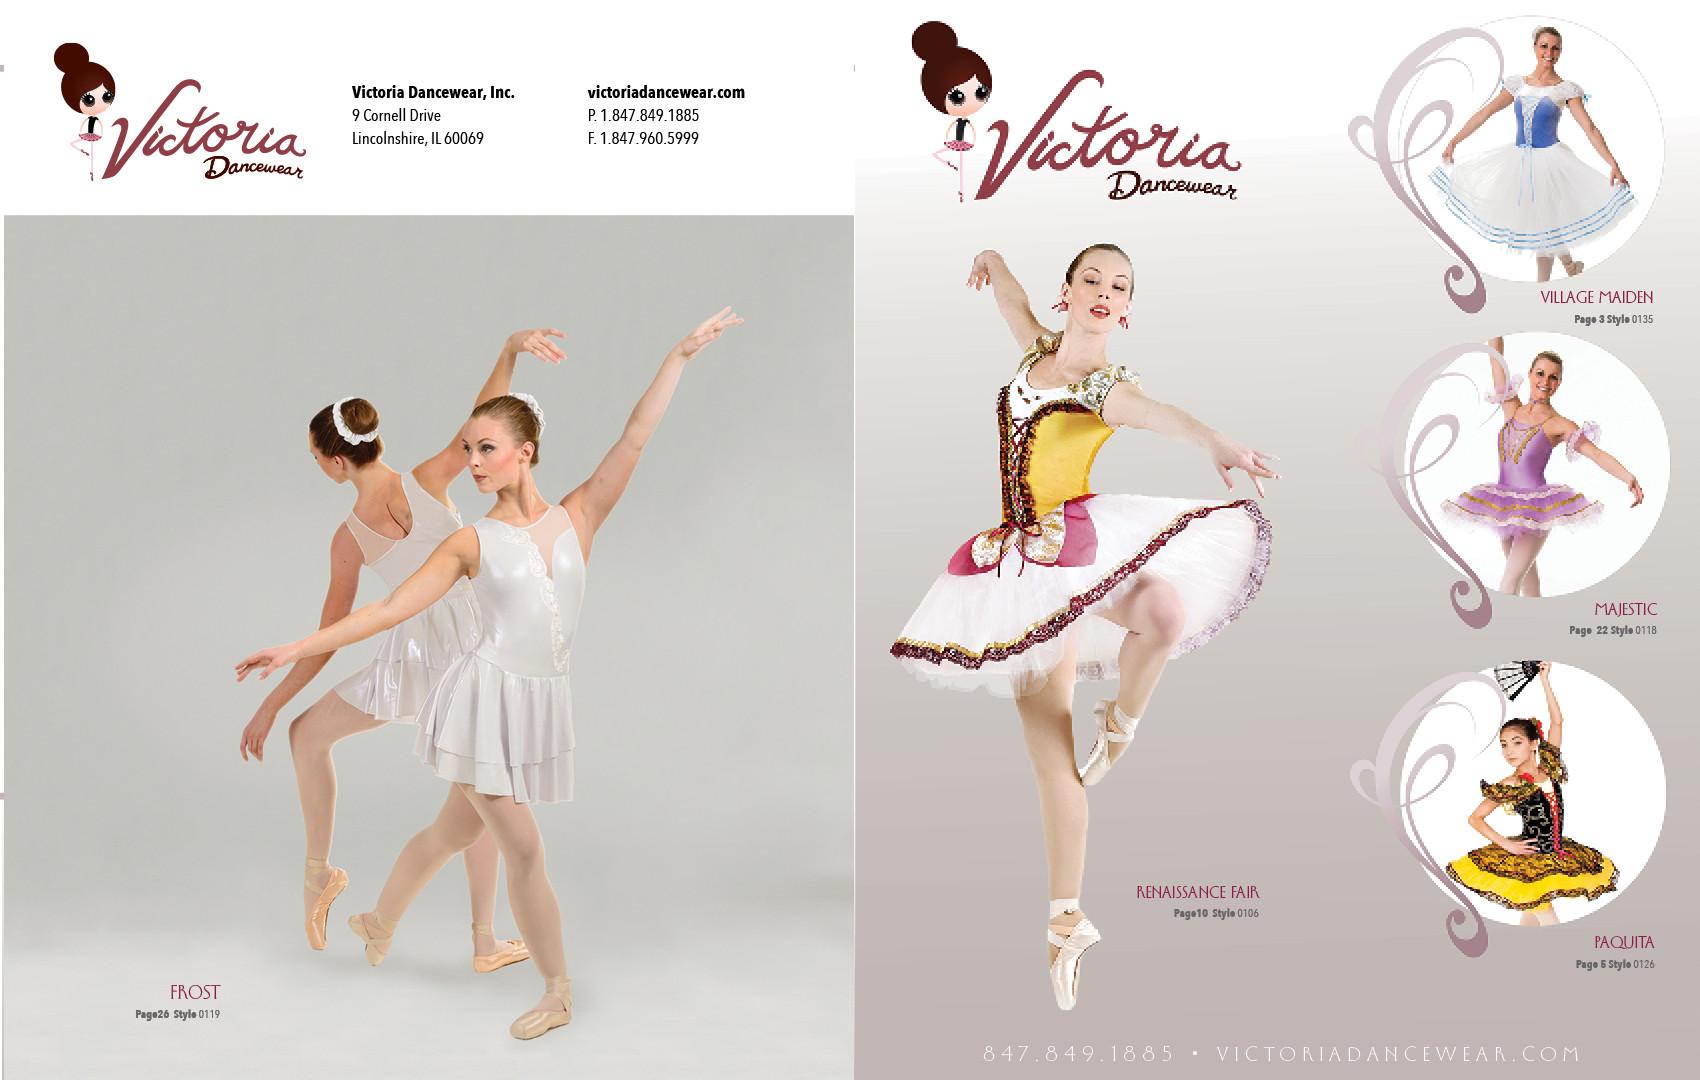 Catalog design - Cover